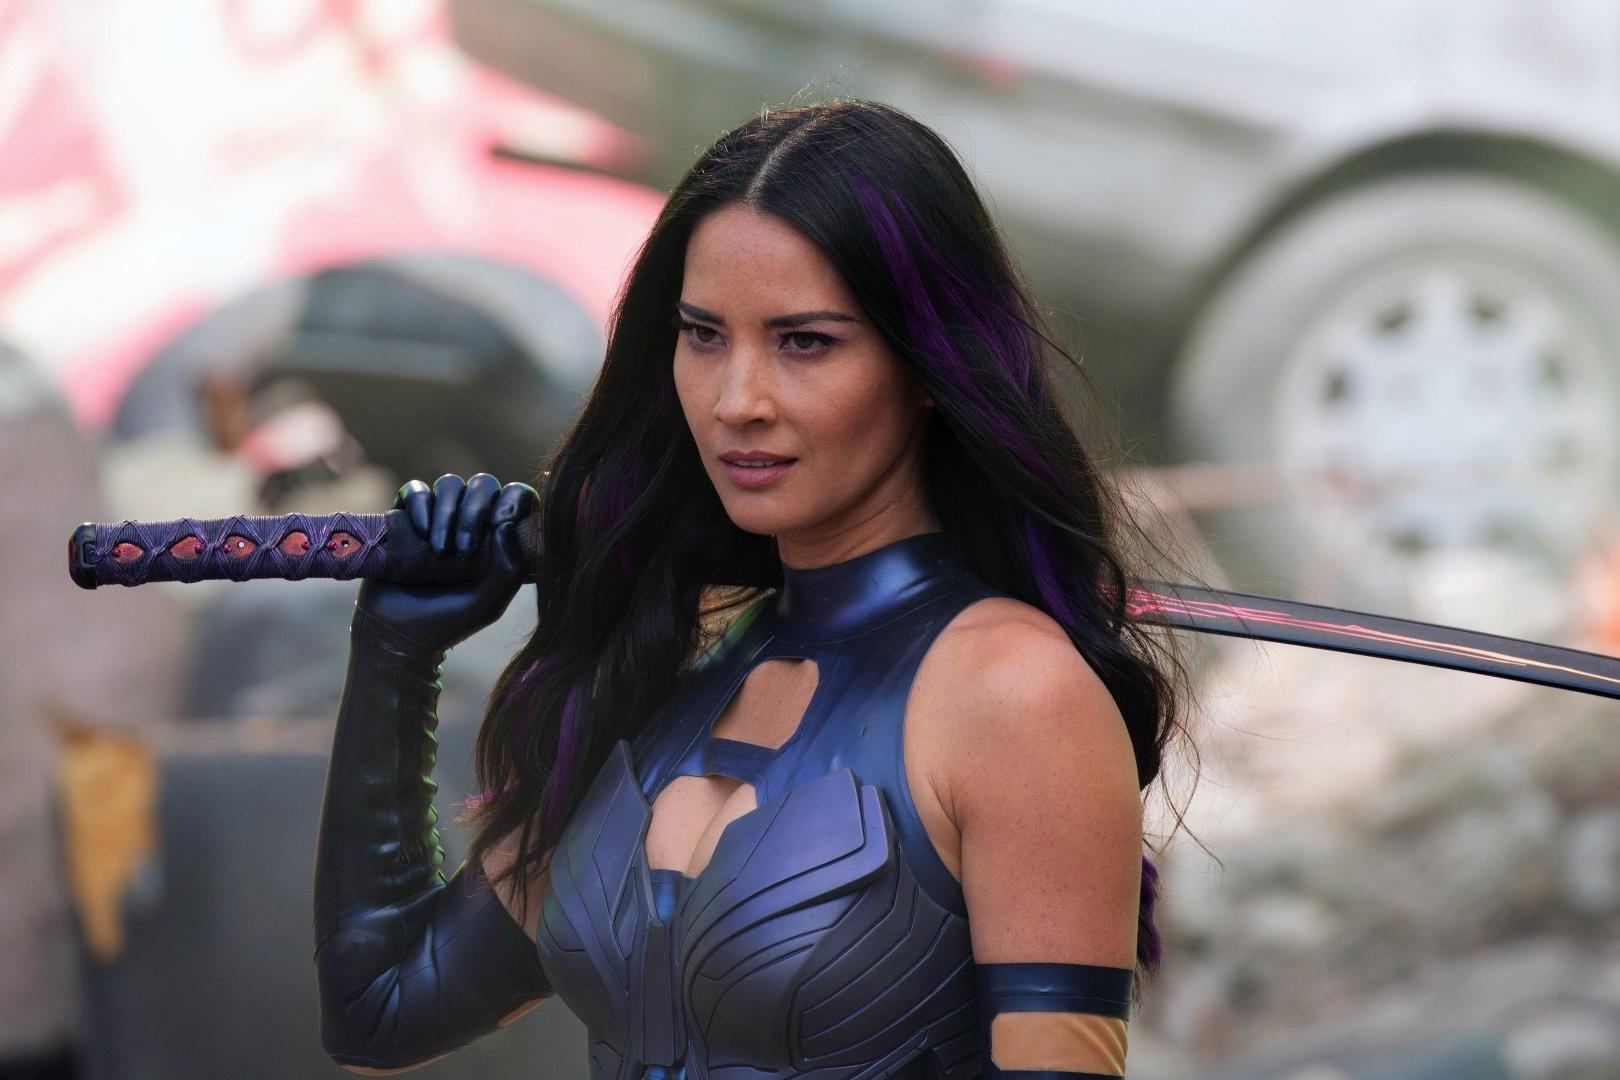 除了复仇者联盟之外,这些被卖掉的女超级英雄,也被搬上了荧幕